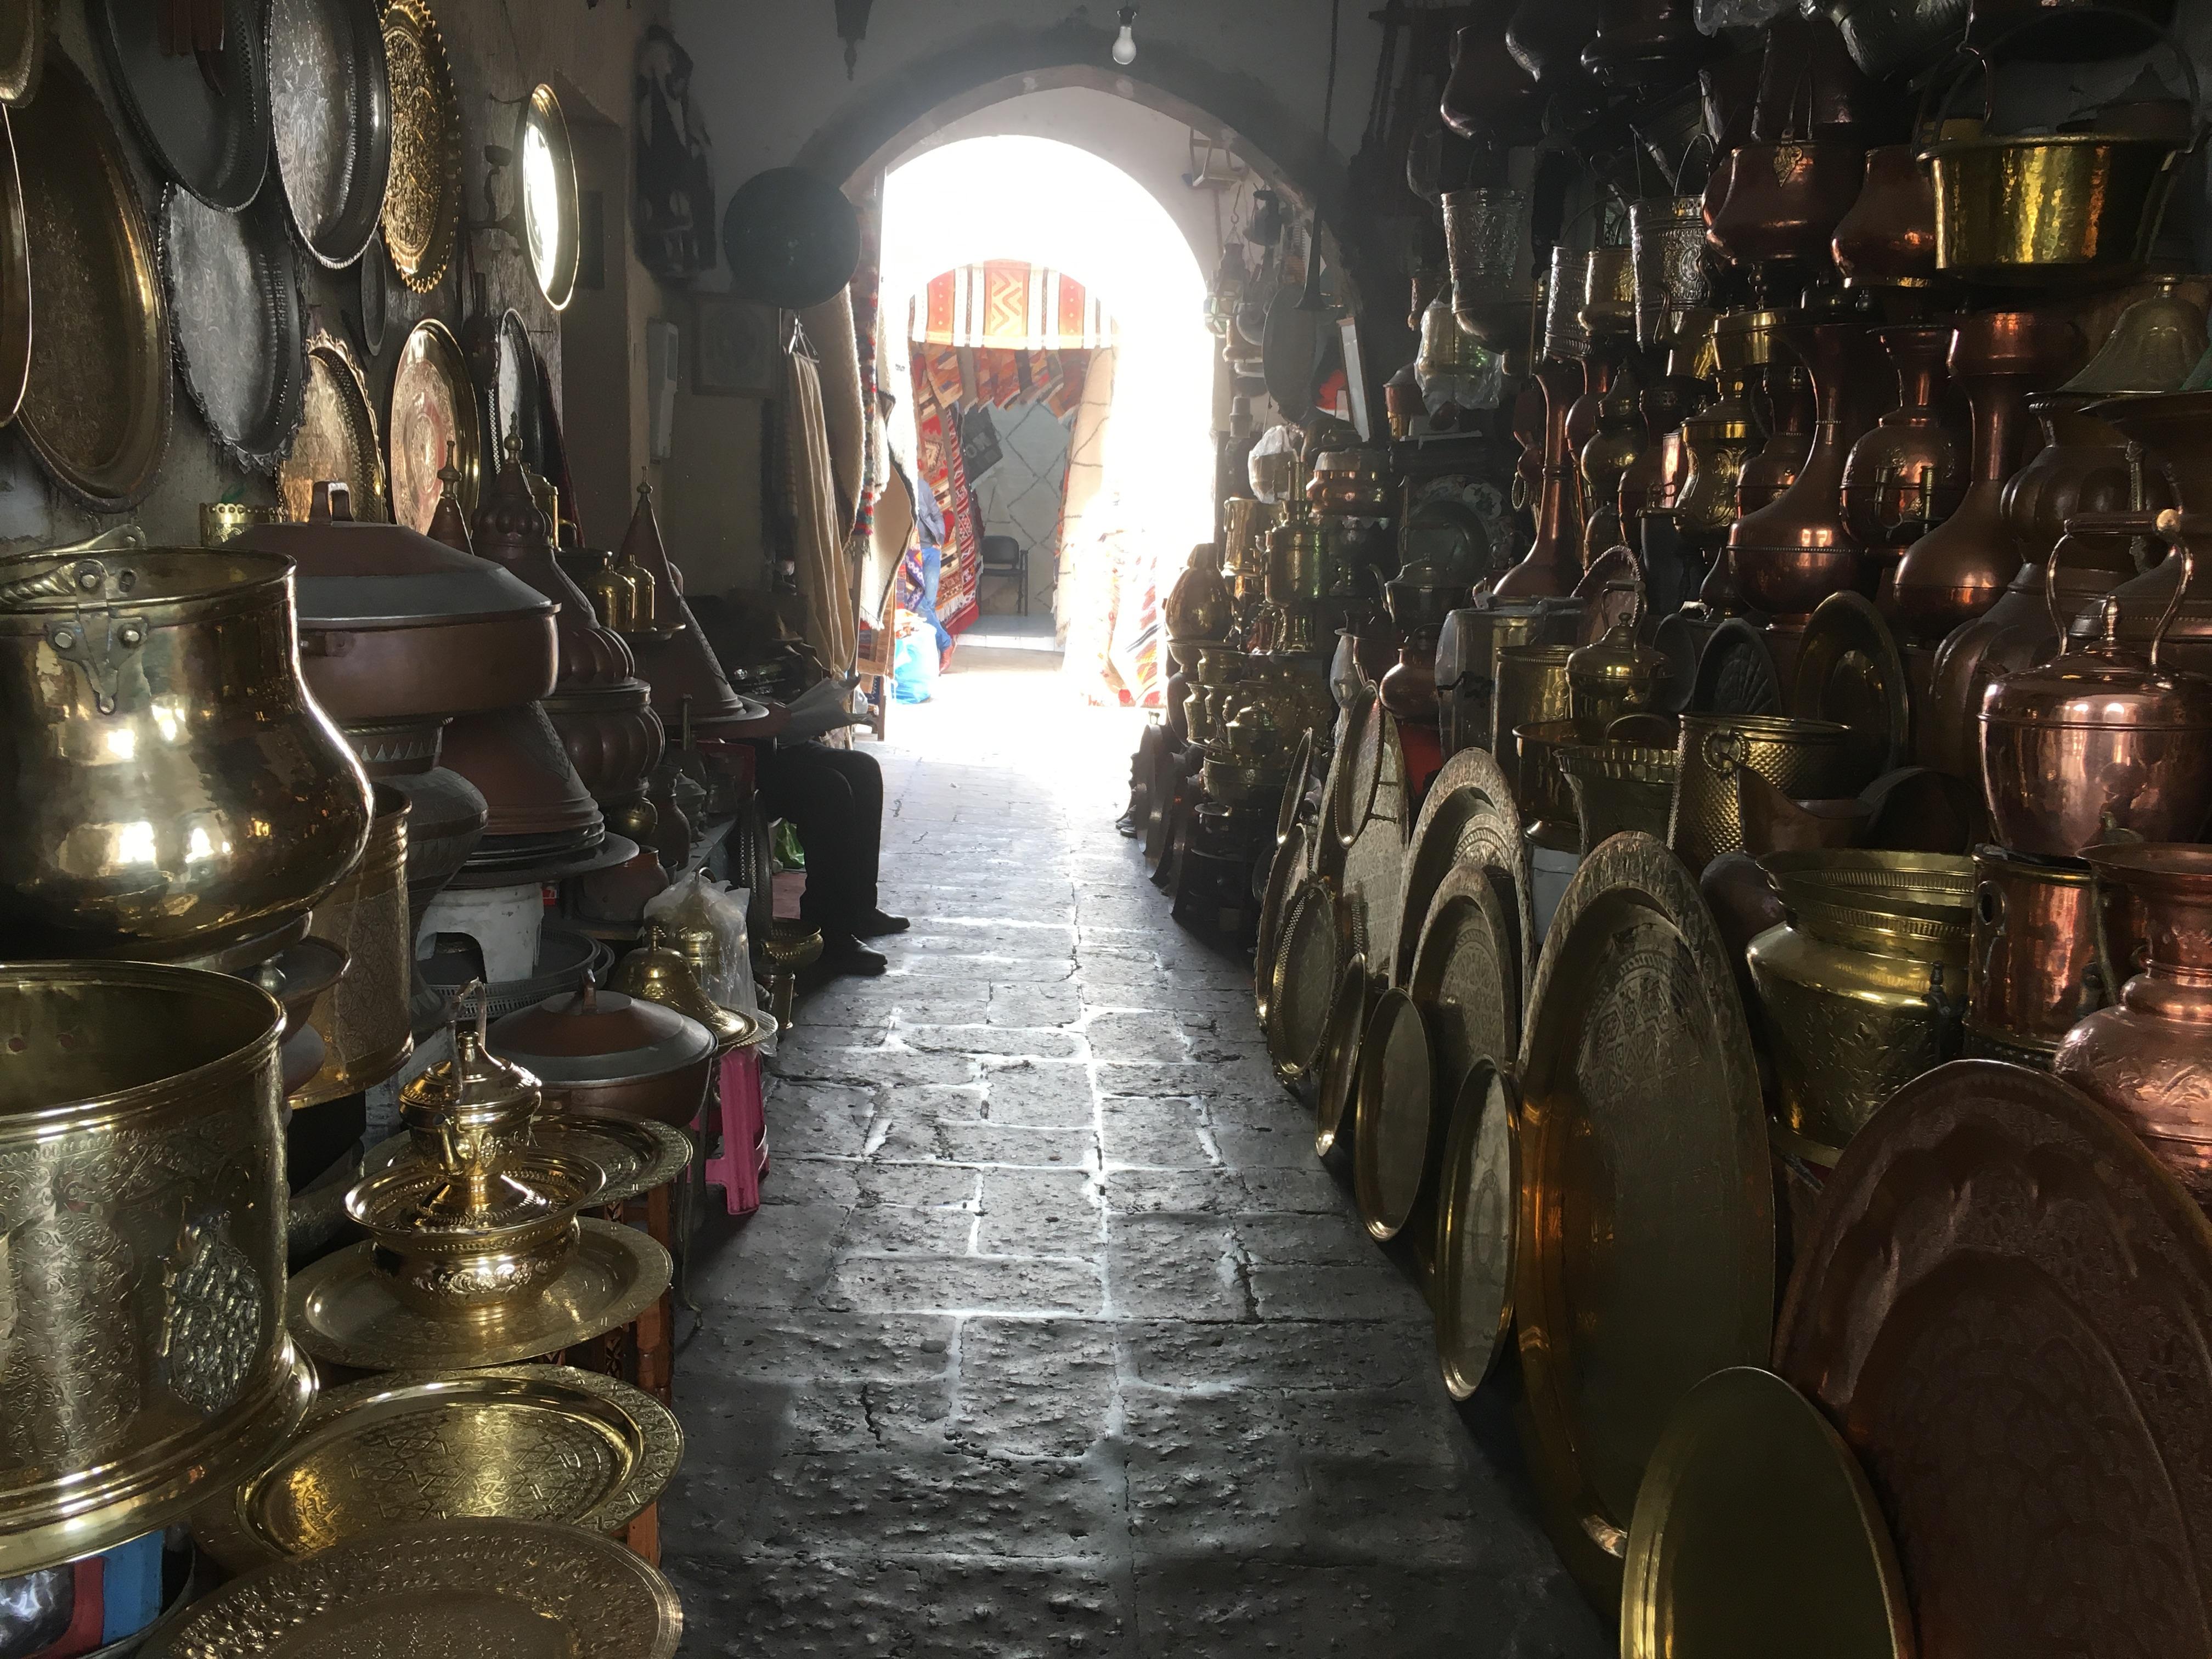 月族的世界、モロッコのカサブランカへ父子旅